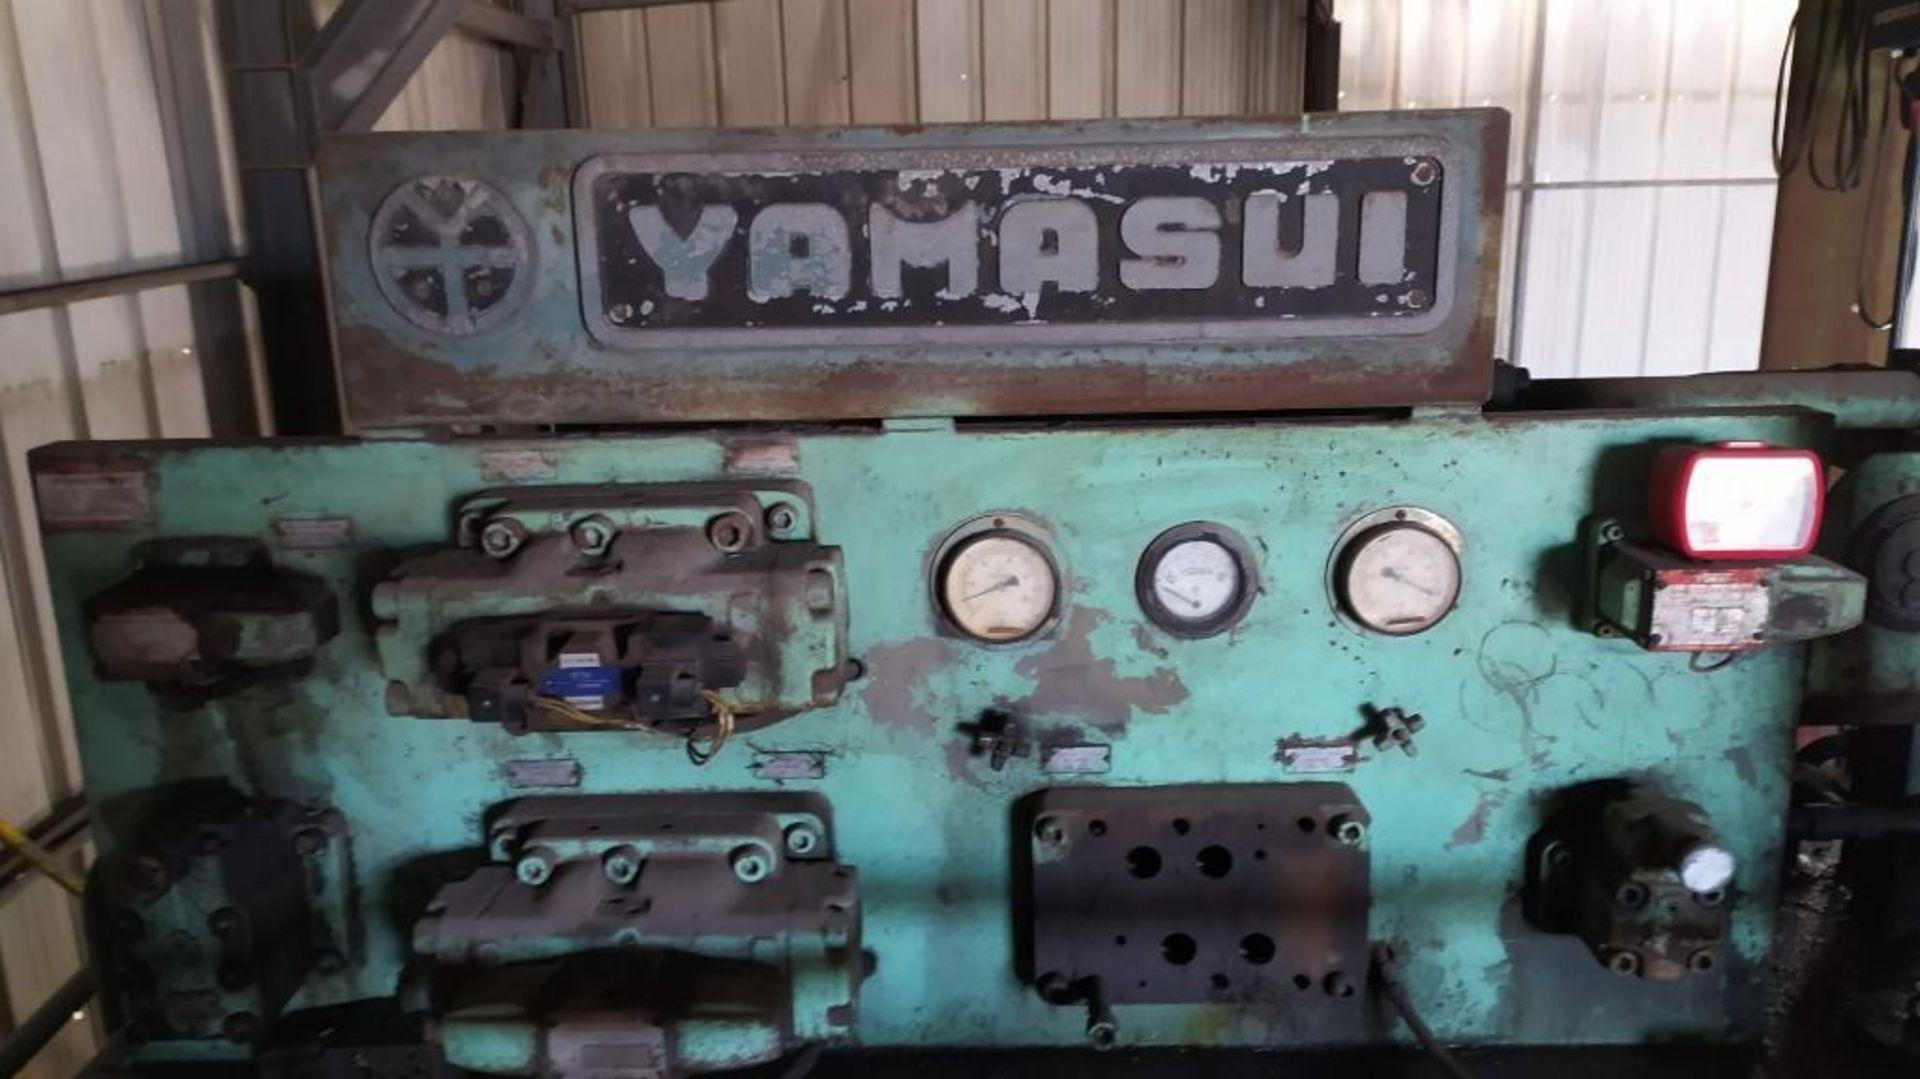 Lot 54 - YAMASUI HYDRAULIC PIPE TESTER